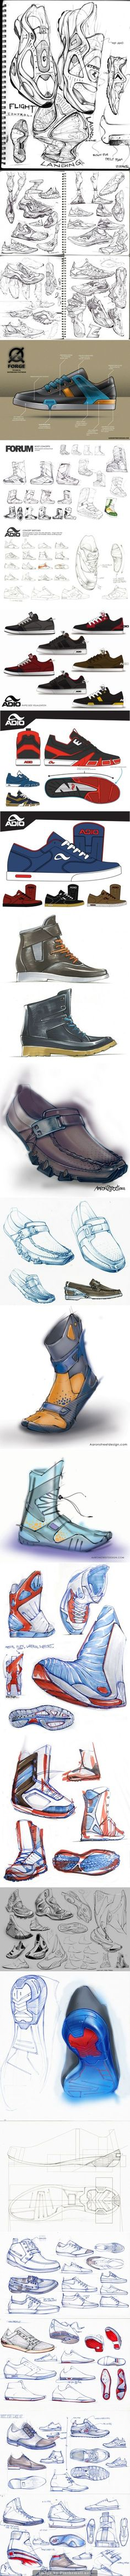 다양한 디자인,색상의 신발들이 역동적이면서 신발특유의 매력이 잘나타남